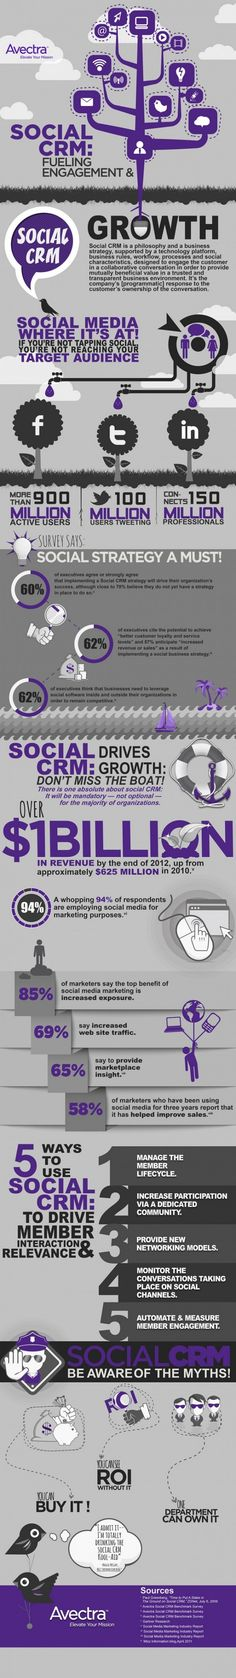 Een goed Social CRM bevat 5 hoofdpunten. Het gebruik van een Social CRM zorgt voor interactie tussen de klant en jou als bedrijf. Het doel is hiervan is dat zowel het bedrijf als de klant beter worden van dit systeem. Dit doordat je klanten een stem geeft in bepaalde processen en je de verkoop en service beter op ze kunt afstemmen.